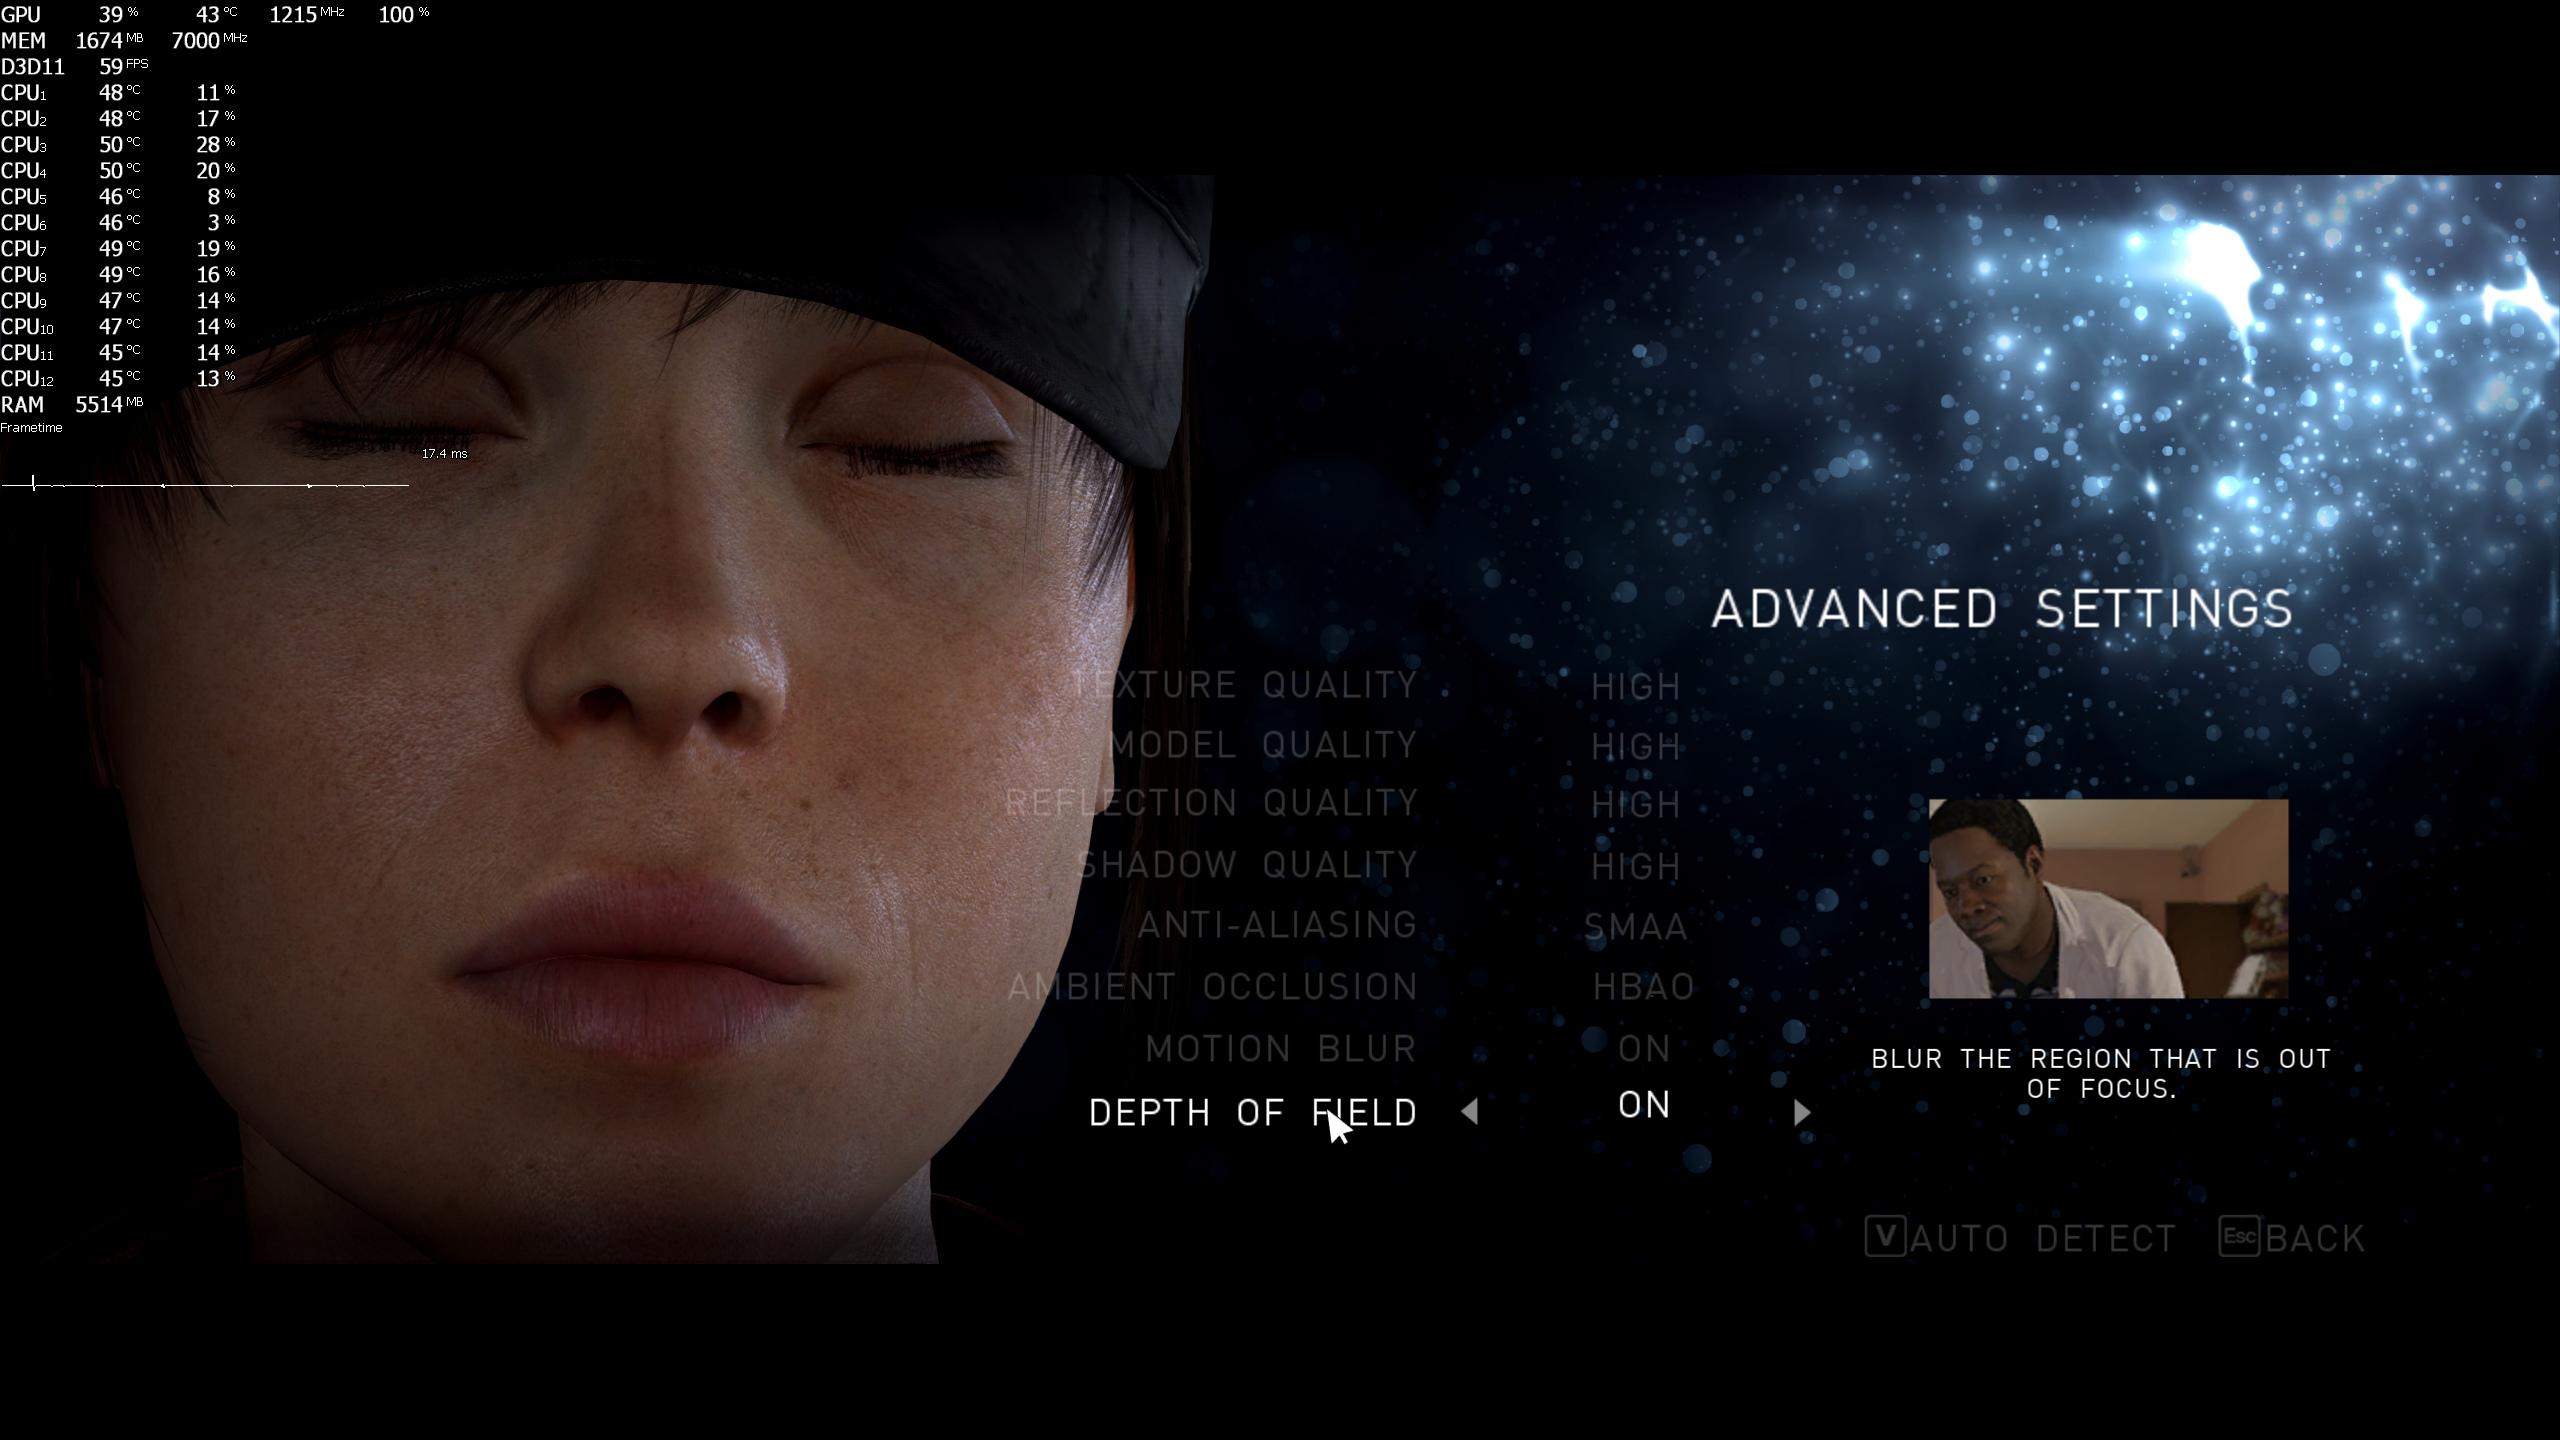 《超凡双生》确认采用D加密技术 高清截图欣赏